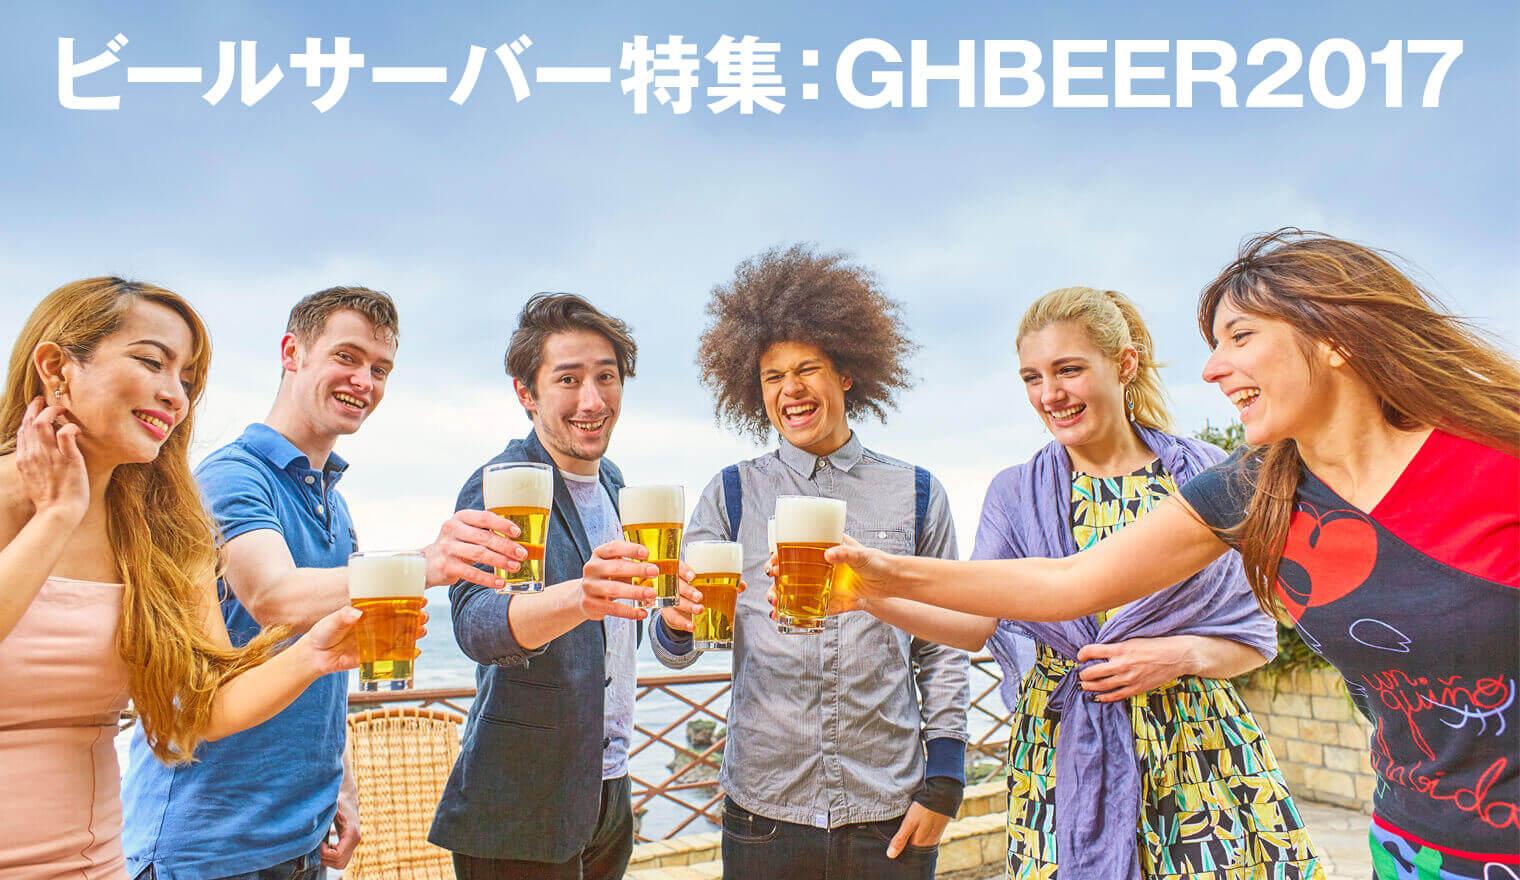 ビールサーバー特集ページ:GHBEER2017